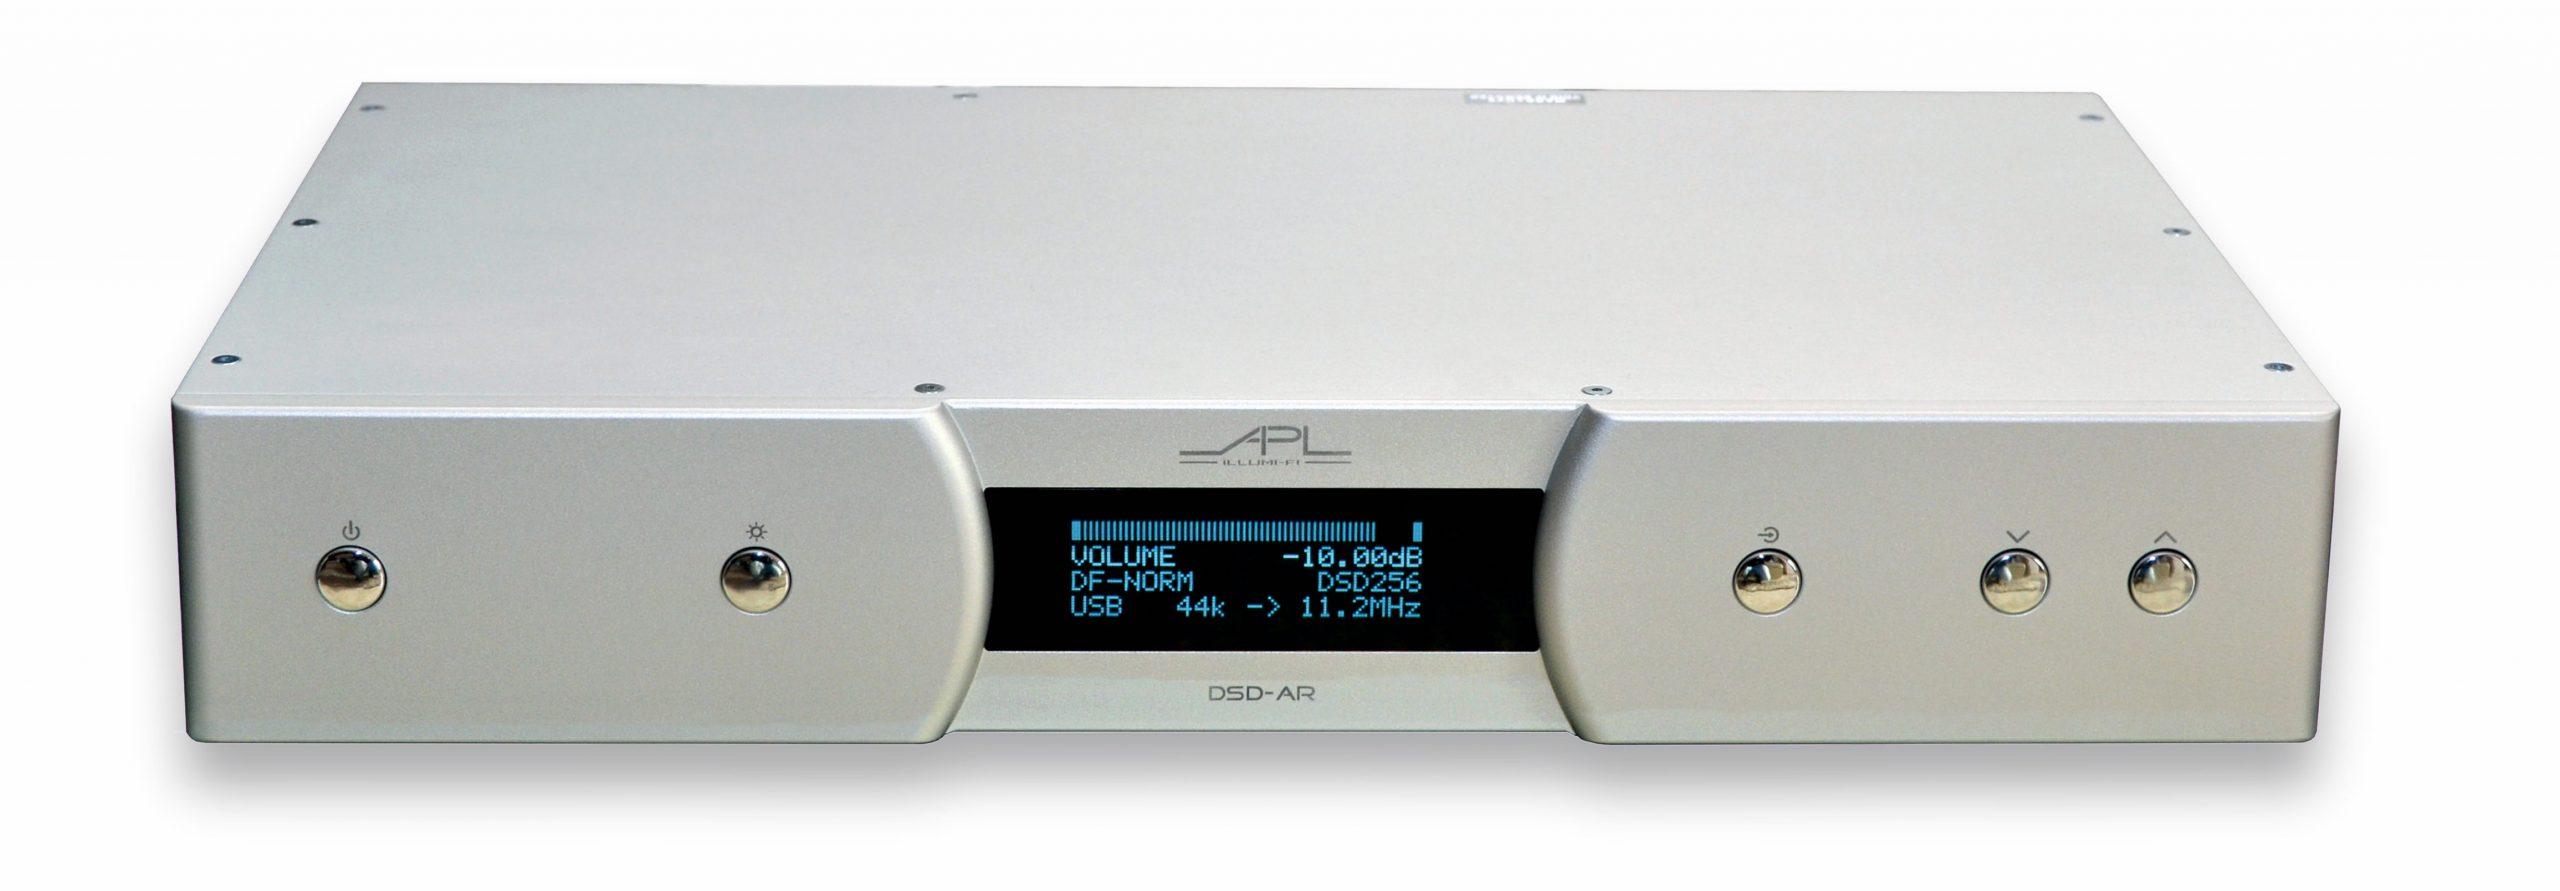 APL Hi-Fi DSD-AR DAC